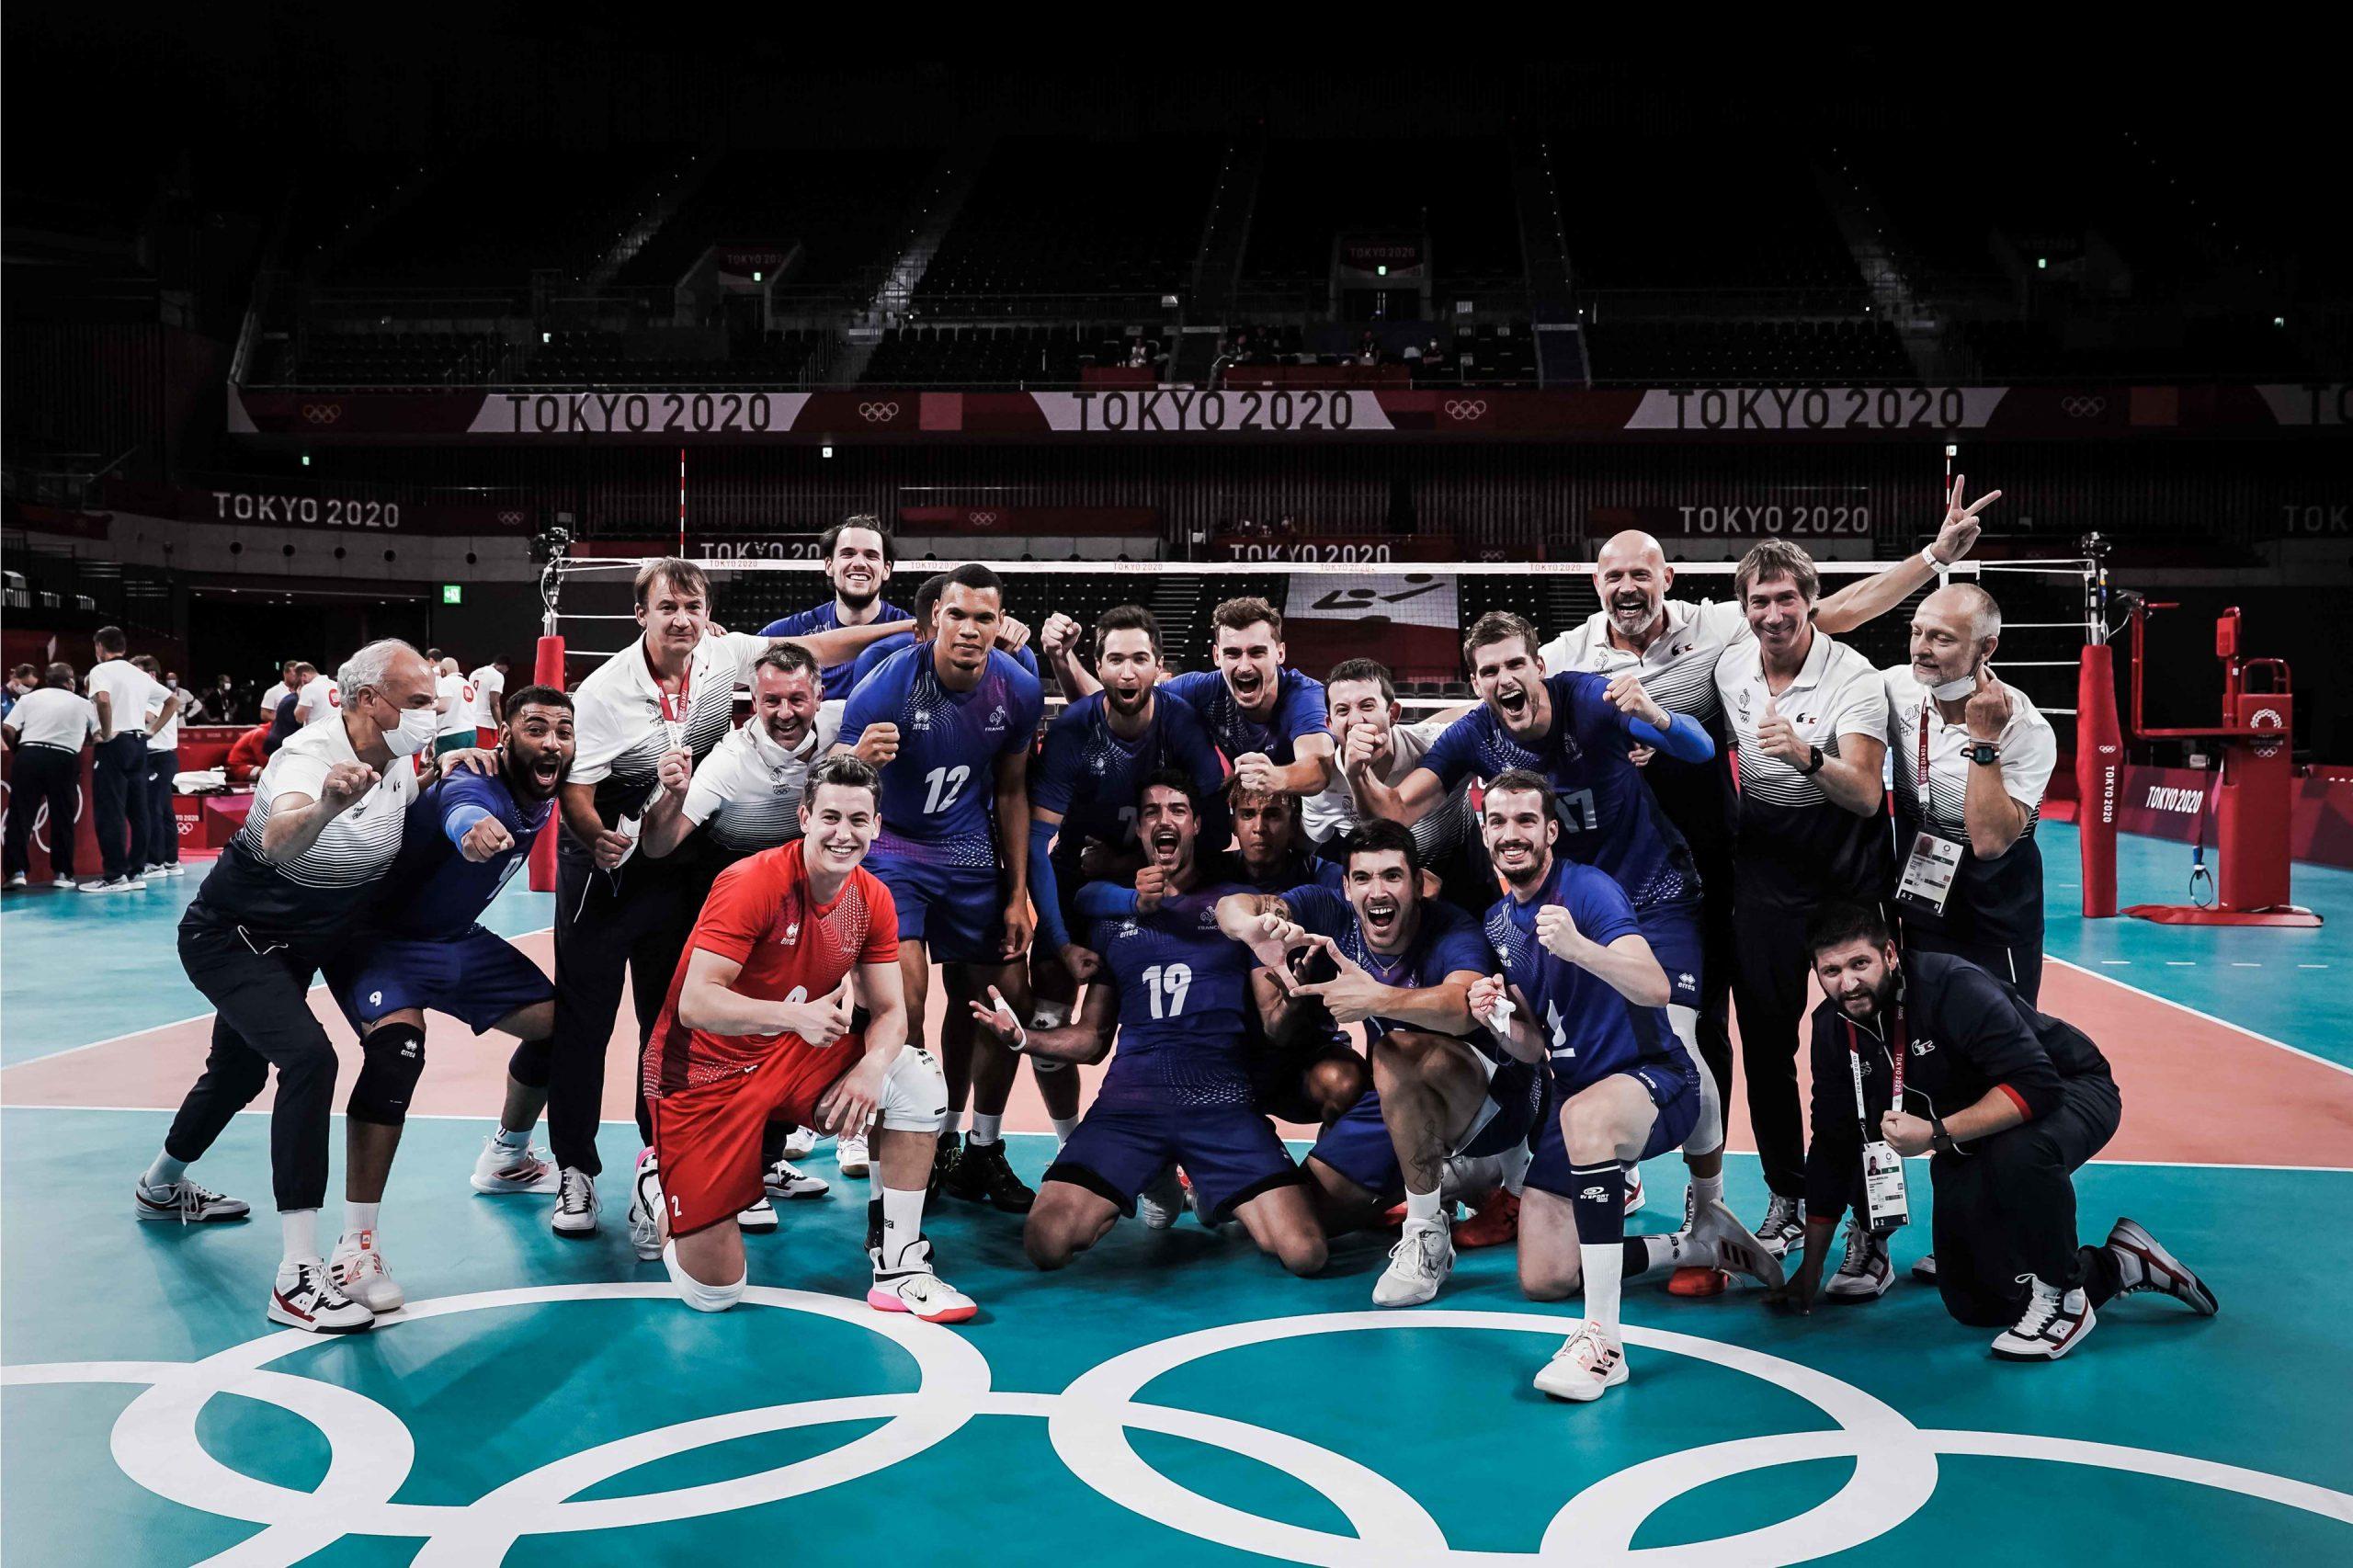 東京2020オリンピック 男子準々決勝 ブラジルなどが準決勝進出